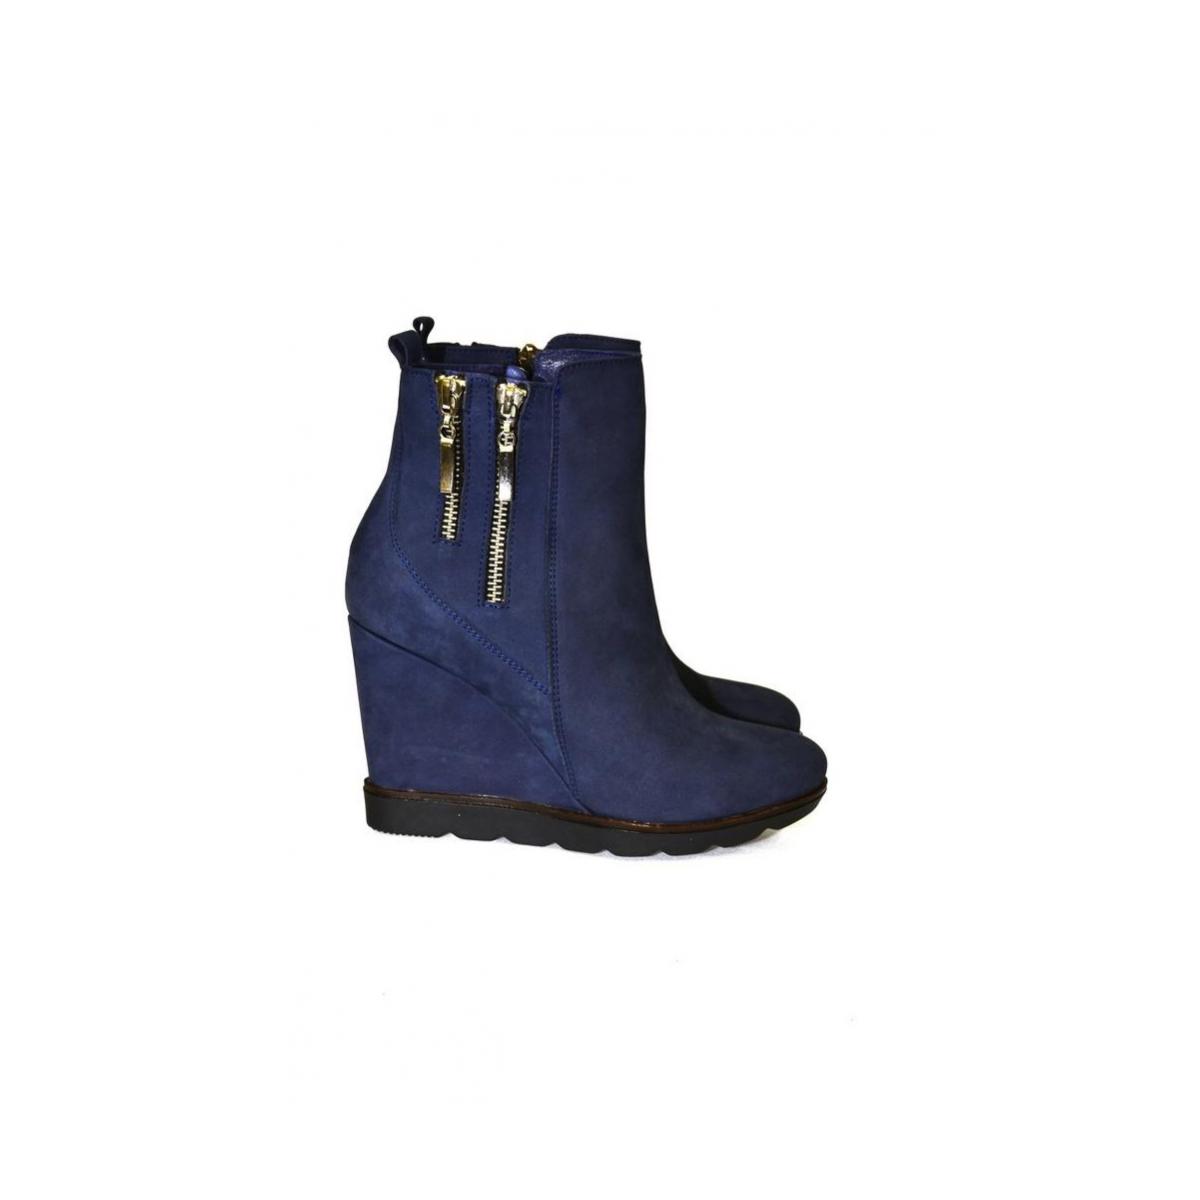 Dámske kožené modré čižmy ILONA - 3 09f2994ed1c